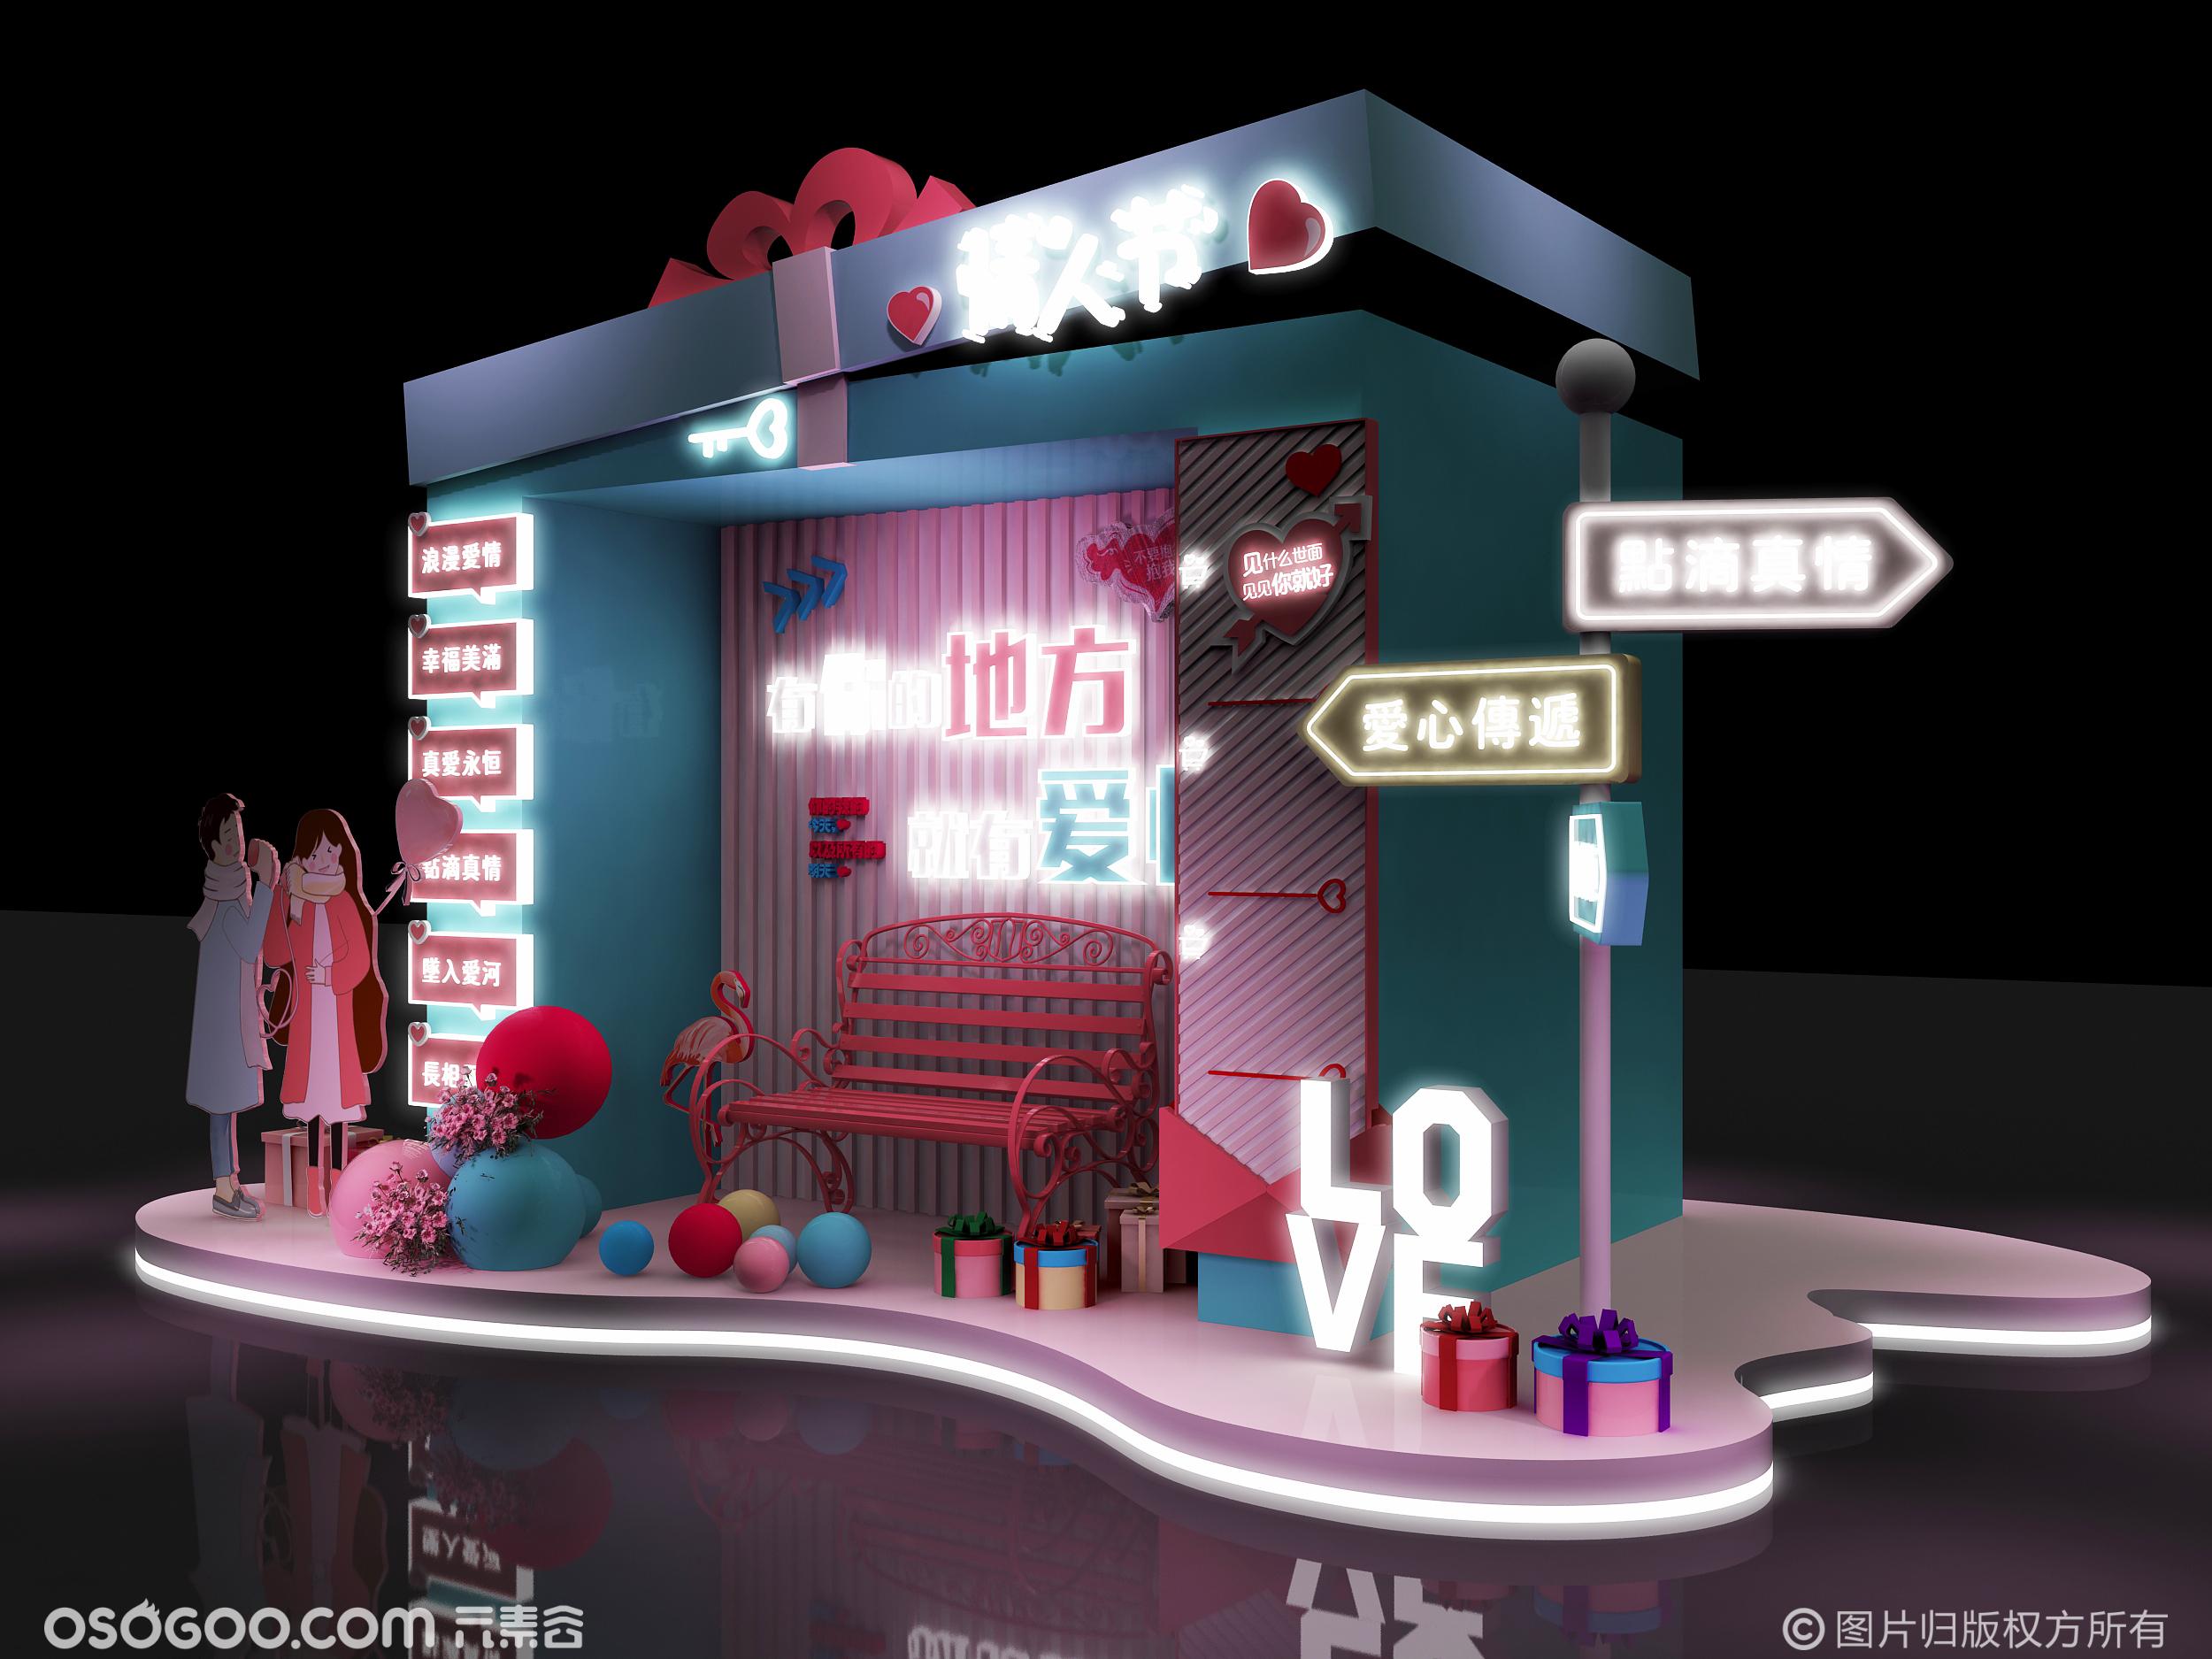 3D设计效果图▪七夕美陈打卡点拍照区